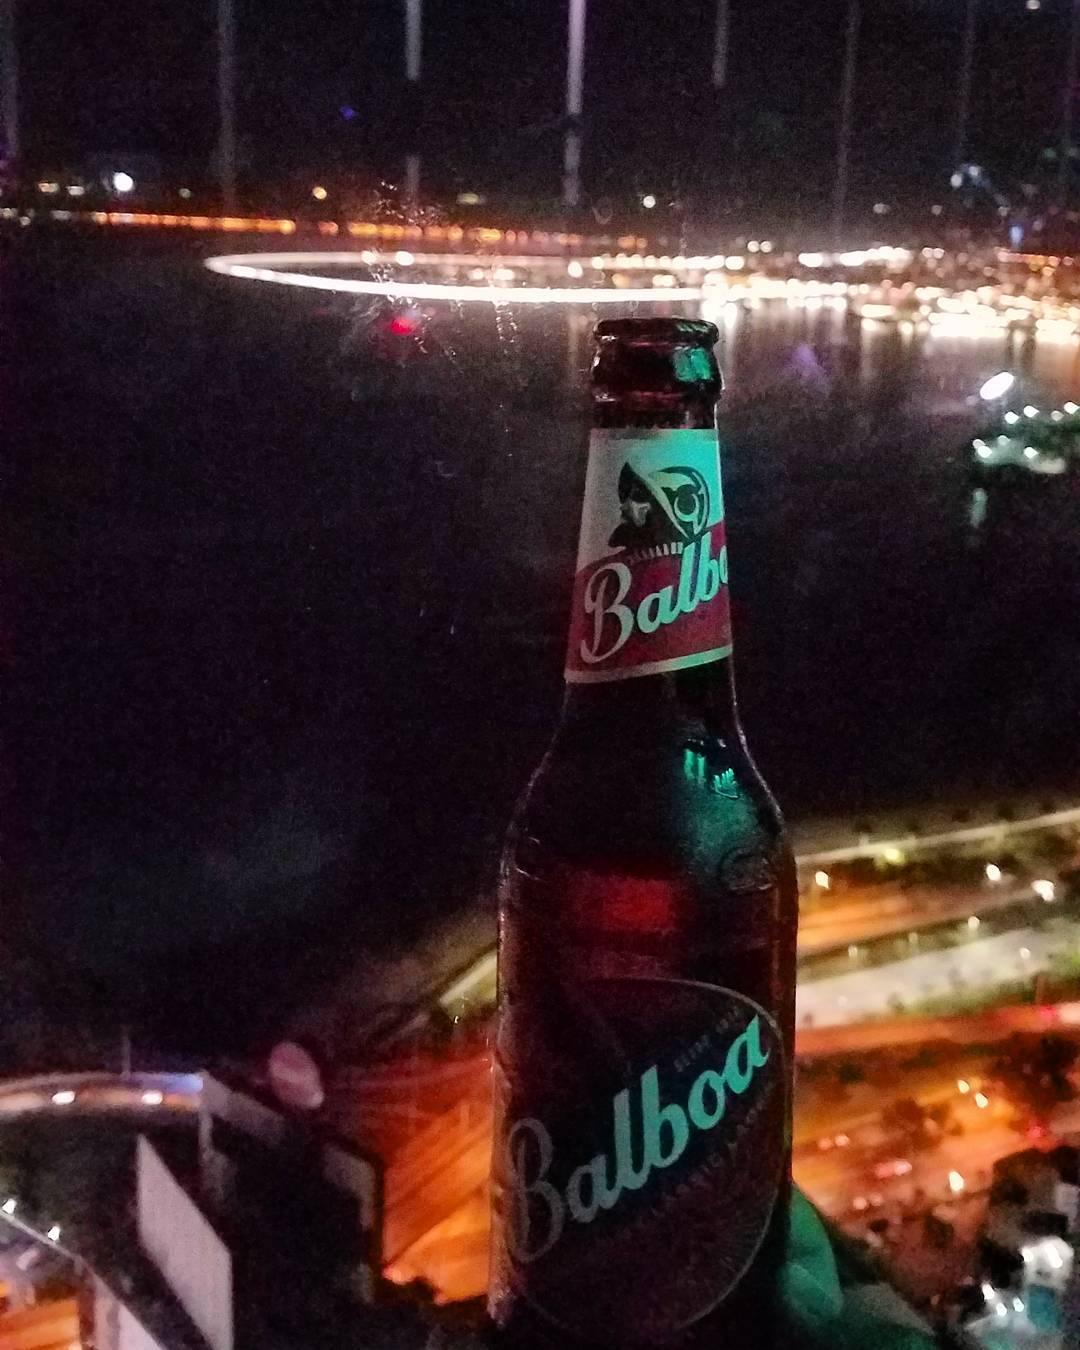 #Bits #CervezaBalboa #HardRock #Megapolis #PanamaCity #Panama